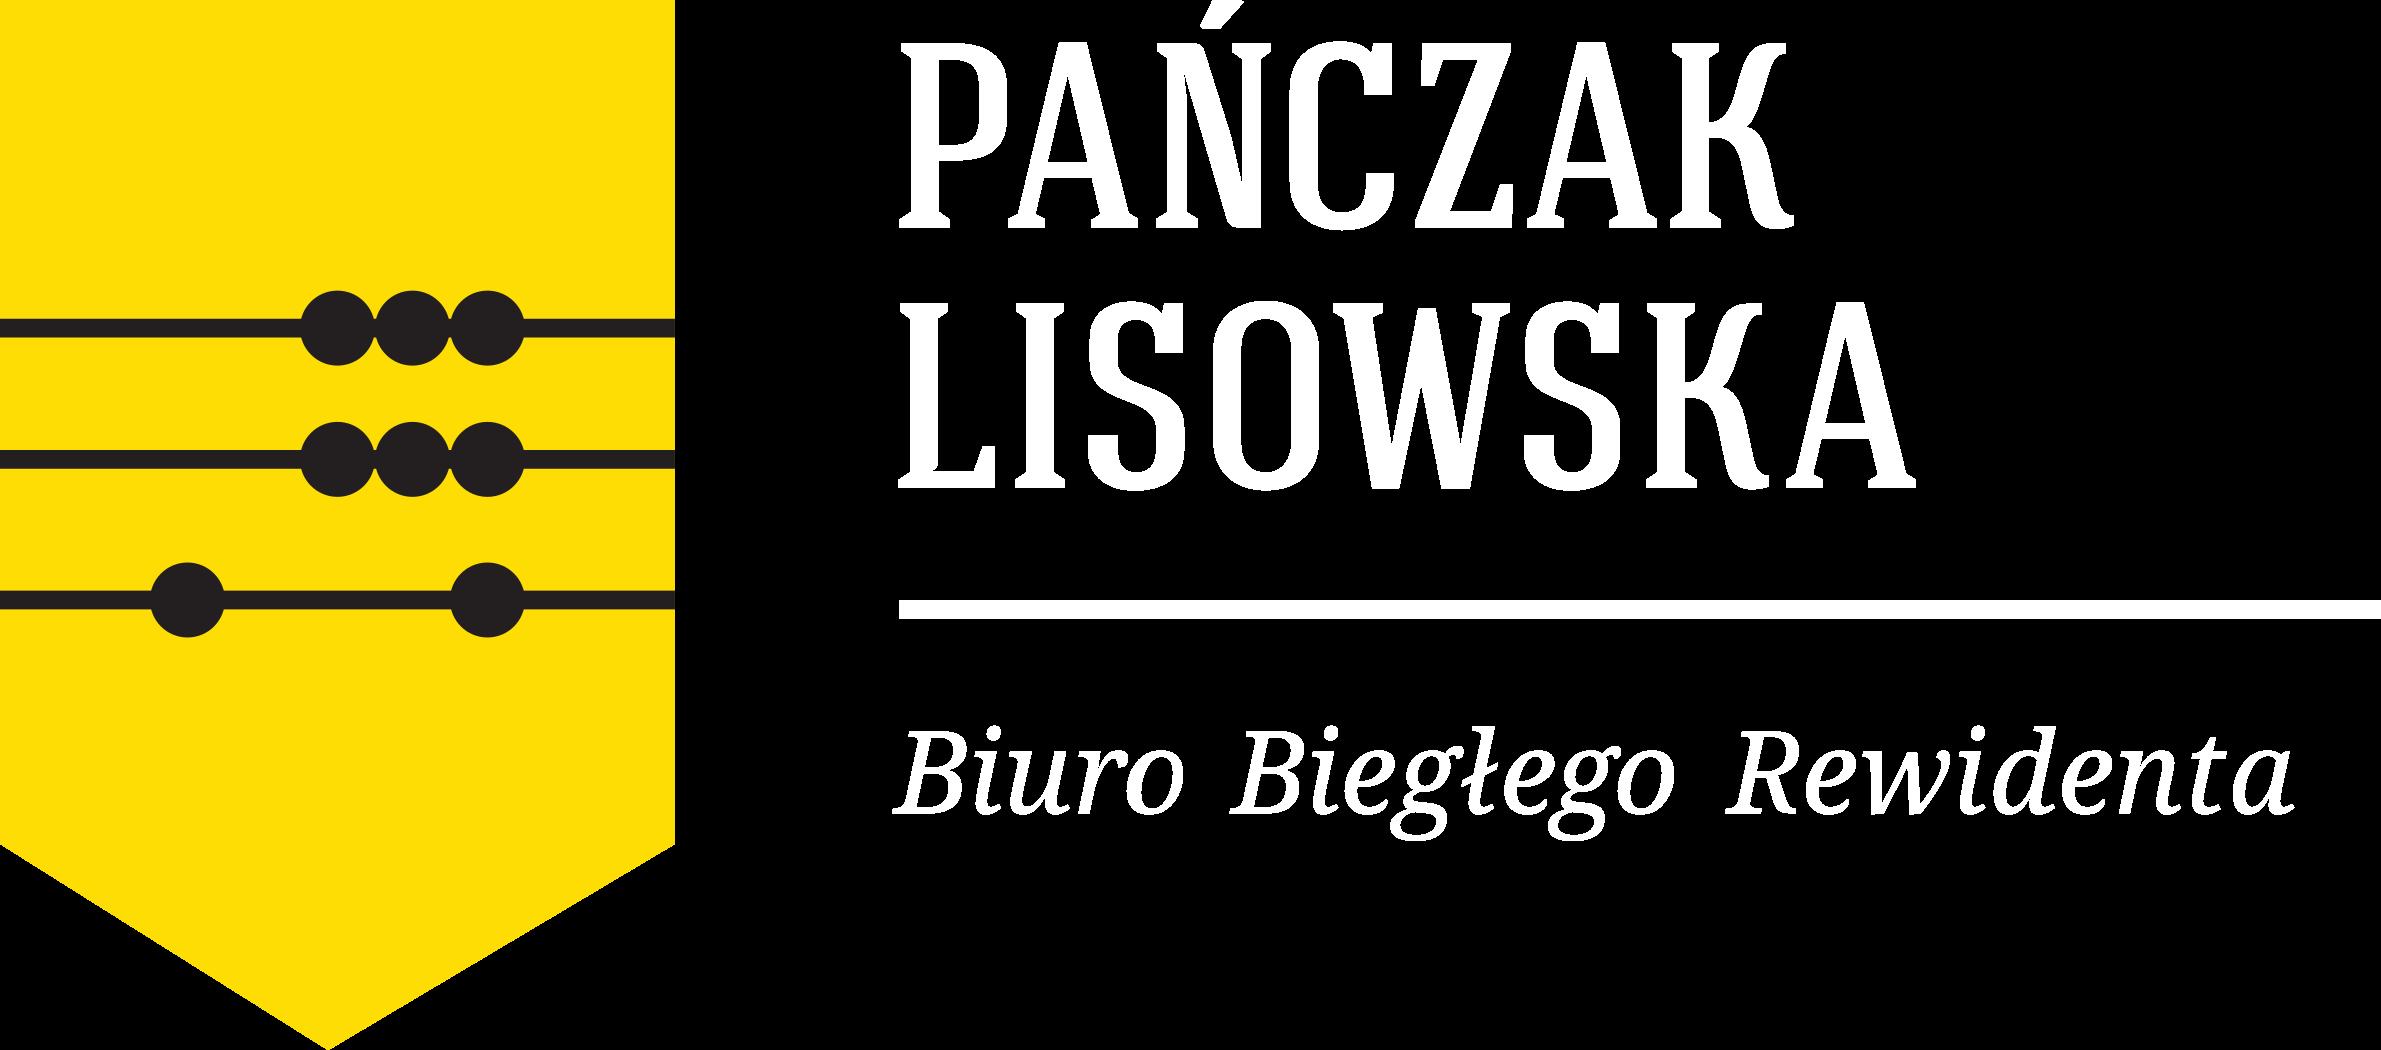 Biuro rachunkowe Pańczak & Lisowska Wrocław